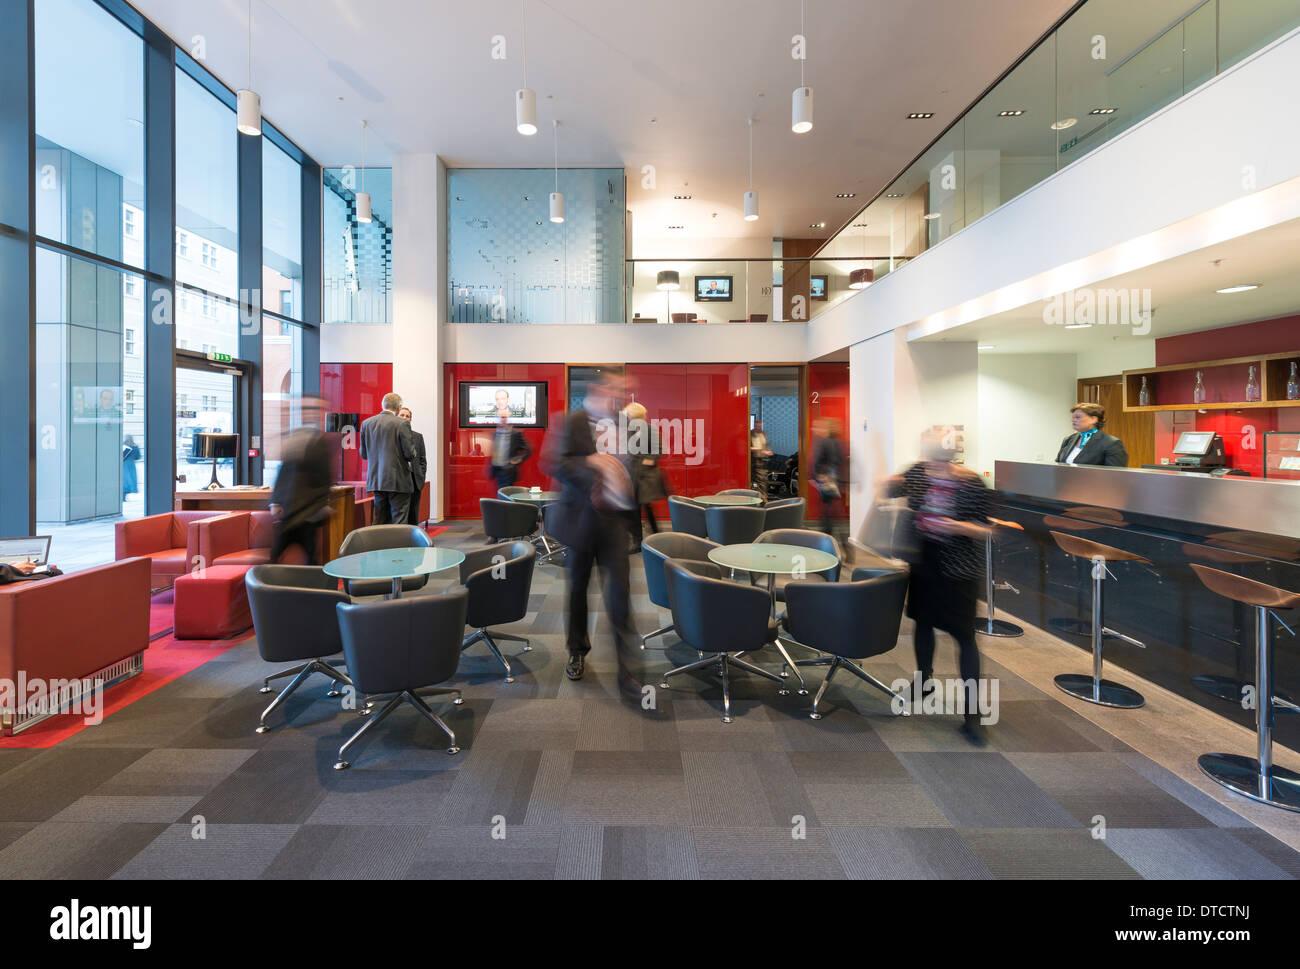 El lounge de negocios en 11 Brindleyplace. Imagen De Stock